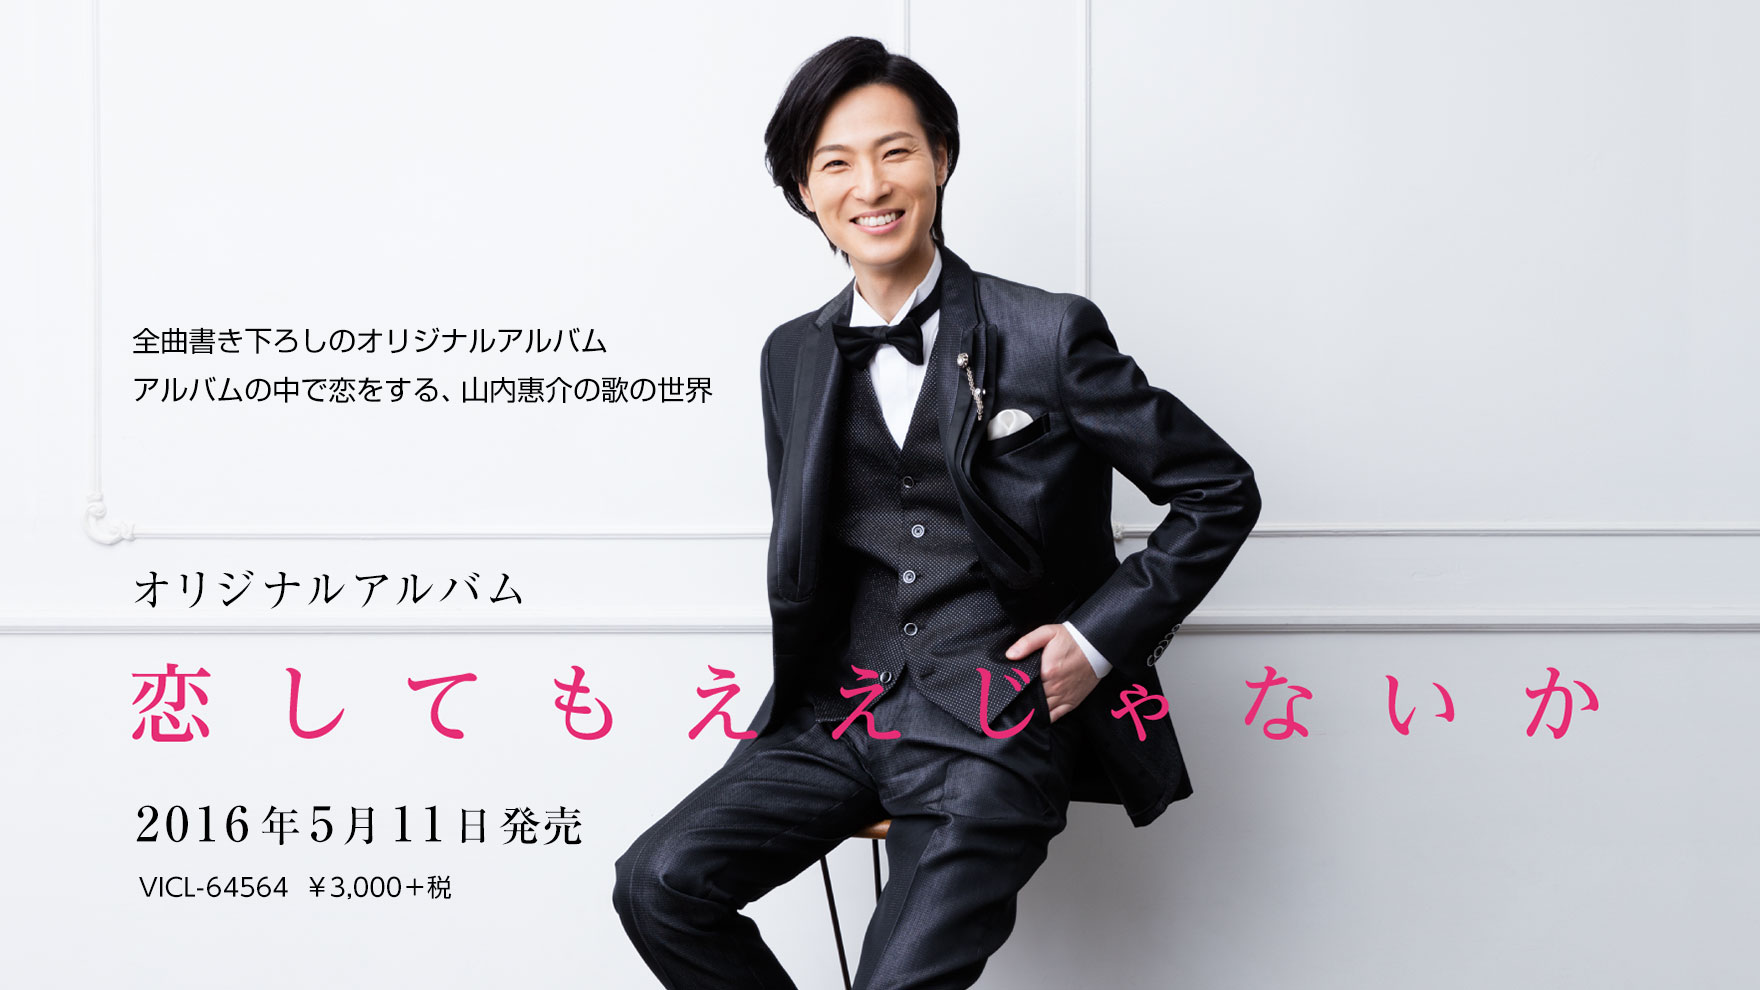 アルバムの中で恋をする、山内惠介の歌の世界。全曲書き下ろしのオリジナルアルバム「恋してもええじゃないか」